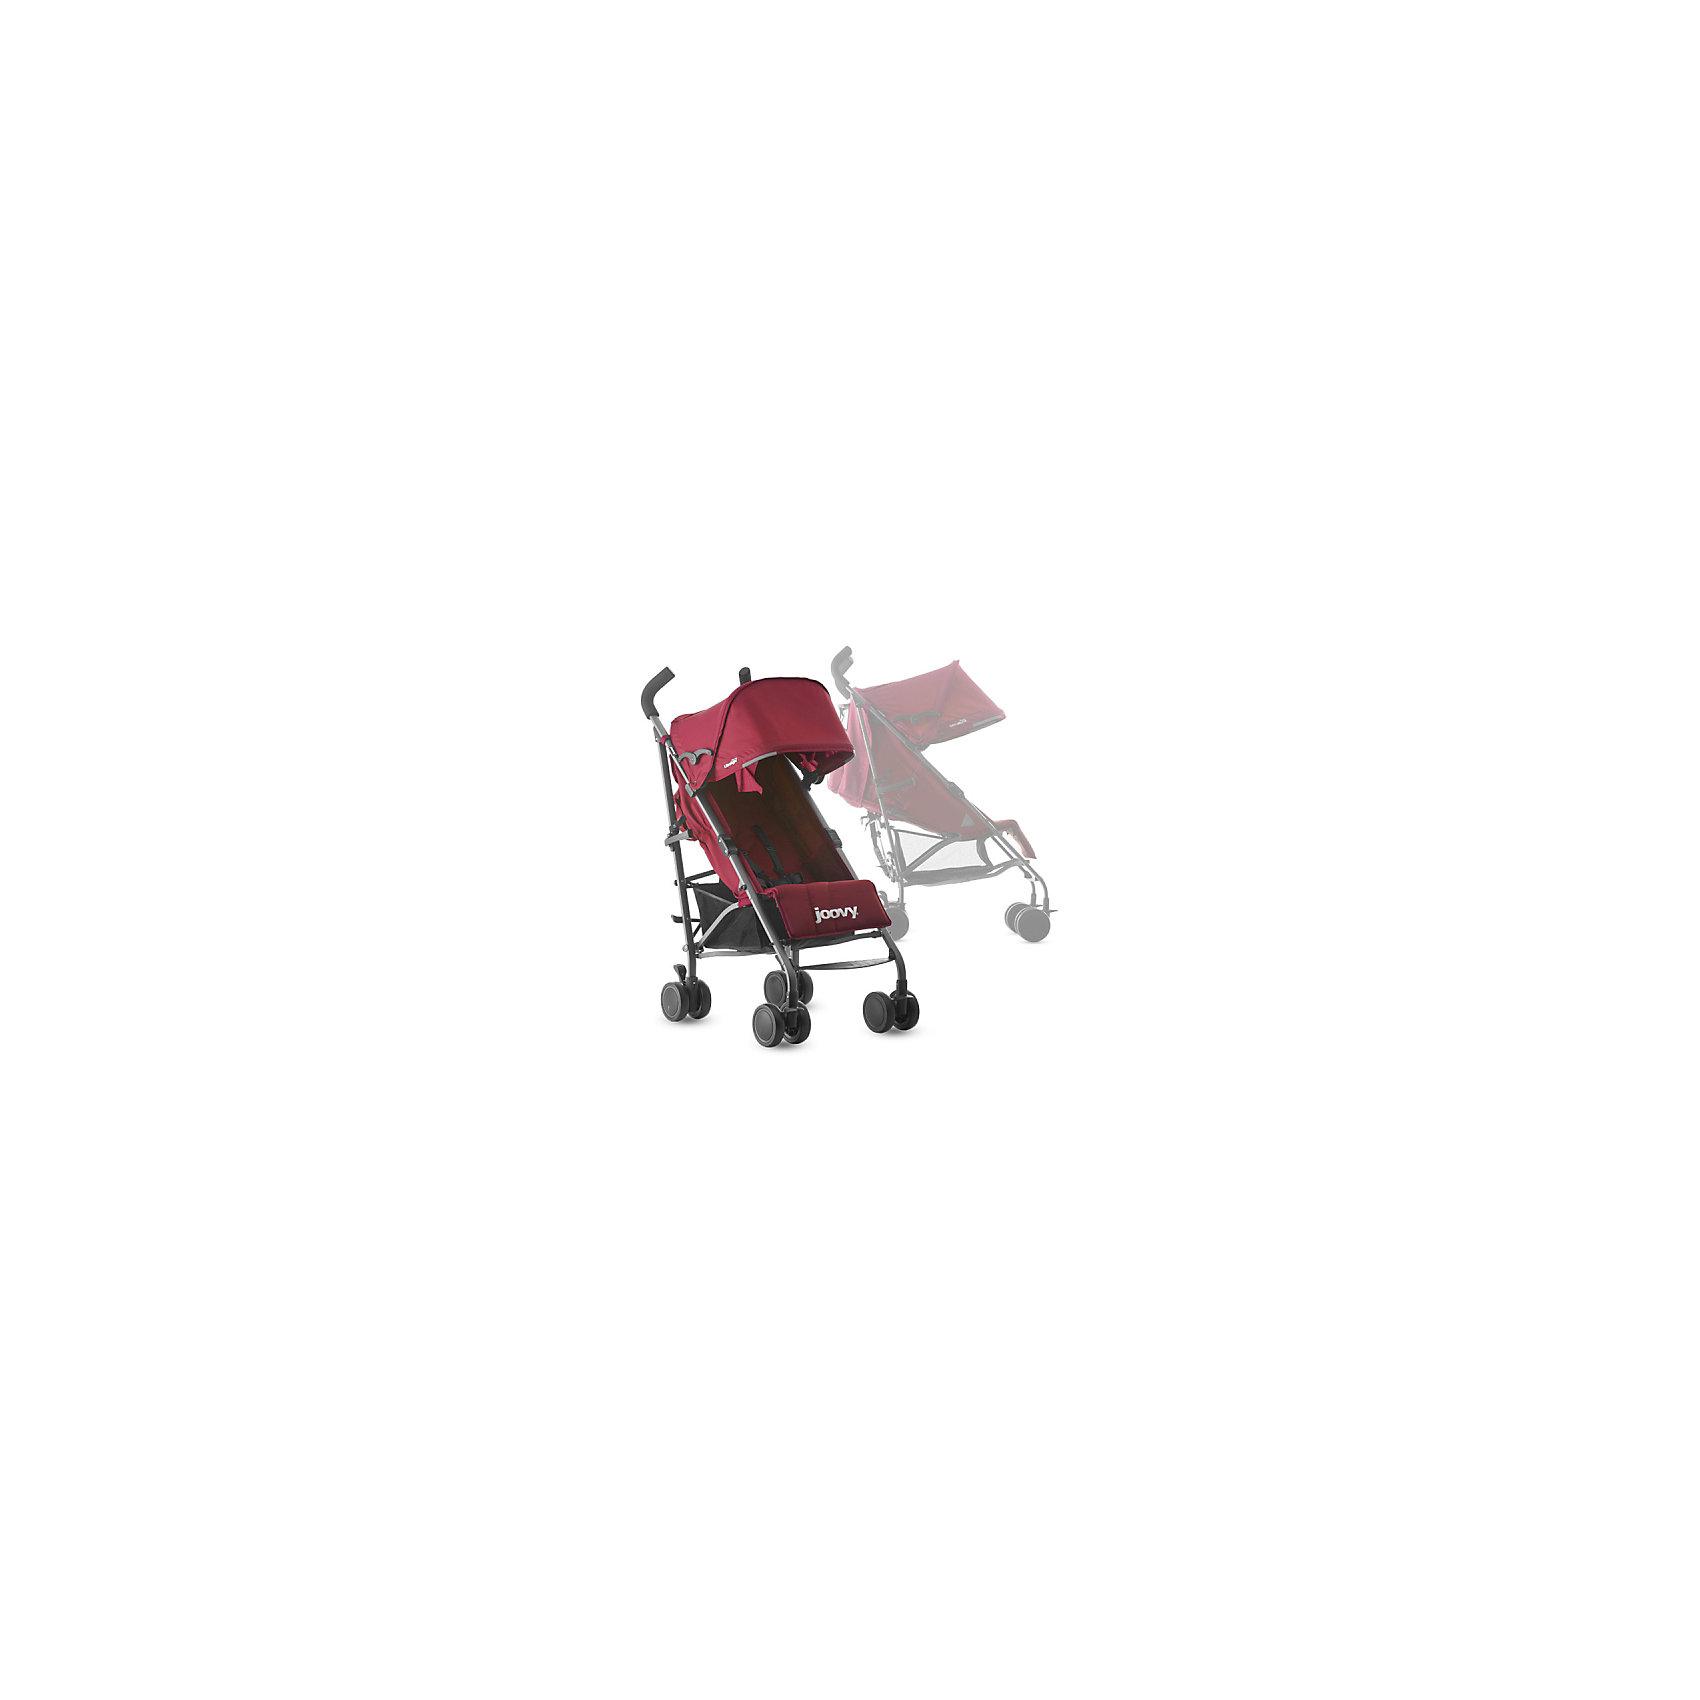 Коляска-трость Groove Ultralight, красный, JoovyКоляски-трости<br>Характеристики товара:<br><br>• возраст от 3 месяцев;<br>• регулируемый наклон спинки до положения в 170 градусов;<br>• большой капюшон для защиты от непогоды;<br>• смотровое окошко на капюшоне;<br>• сетчатые кармашки с внутренней стороны сидения;<br>• на задней части сетчатый отсек для бутылочки и карман на молнии;<br>• регулируемая подножка;<br>• длина спального места 81 см;<br>• 5-ти точечные ремни безопасности;<br>• светоотражающие элементы для безопасности в темное время суток;<br>• материал: полиэстер с водоотталкивающей пропиткой.<br><br>Коляска-трость Joovy Groove Ultralight красная — легкая и маневренная коляска, которая отлично подойдет для прогулок по городу, парку, походов в торговый центр, поездок на природу и путешествий. Большой капюшон надежно защитит от дождя и солнца. Для родителей предусмотрены удобные отделения для вещей: кармашек на молнии и сетчатый отсек на задней части капюшона. Для малыша с внутренней стороны сидения имеются кармашки для бутылочки или любимых игрушек. Складывается коляска одной рукой, что позволяет легко и быстро сложить ее, даже держа в другой руке малыша. В сложенном виде переносится при помощи удобного плечевого ремешка.<br><br>Шасси коляски:<br><br>• облегченная алюминиевая рама;<br>• тип складывания: трость;<br>• складывание одной рукой;<br>• все колеса сдвоенные, передние поворотные с блокировкой;<br>• диаметр колес 12 см;<br>• тип колес: полиуретановые;<br>• ширина колесной базы 50 см;<br>• стояночный тормоз-педаль;<br>• амортизаторы на передних колесах;<br>• вместительная сетчатая корзина для покупок;<br>• максимальная нагрузка на корзину 5 кг.<br><br>Размер коляски в разложенном виде 104х85х50 см<br>Размер коляски в сложенном виде 102х33х32 см<br>Вес коляски 6,3 кг<br>Размер упаковки 102х33х32 см<br>Вес упаковки 6,3 кг<br><br>Комплектация:<br><br>• прогулочный блок;<br>• ремень для переноски;<br>• инструкция.<br><br>Коляску-трость Joovy Groove Ultrali